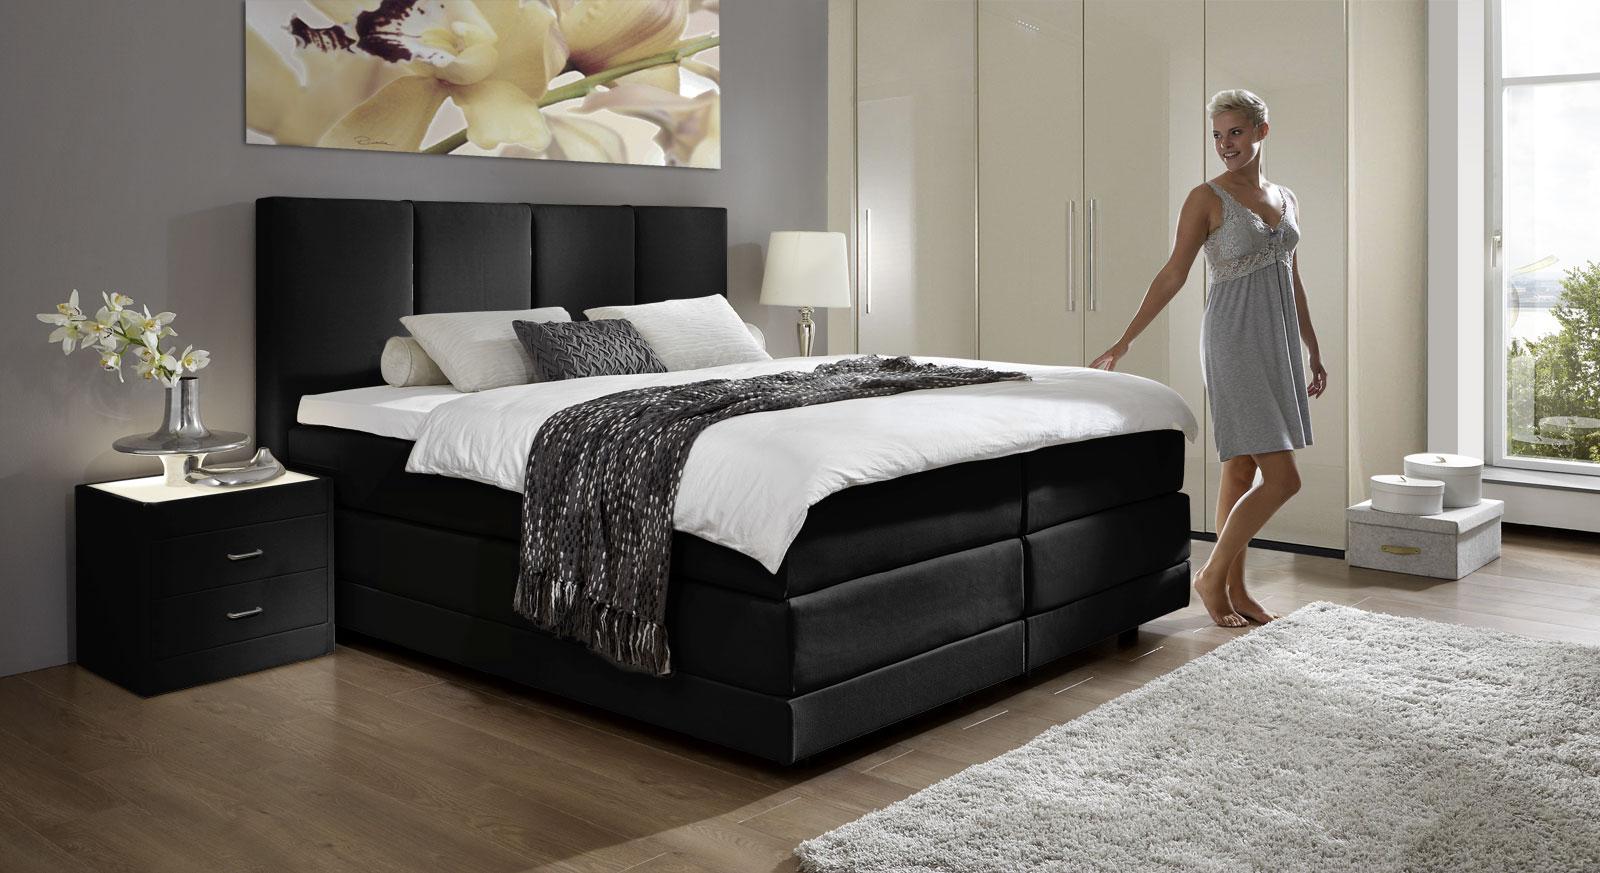 Schlafzimmer Betten 200x200: Schlafzimmer Bett x Wohnmöbel Referenz ...